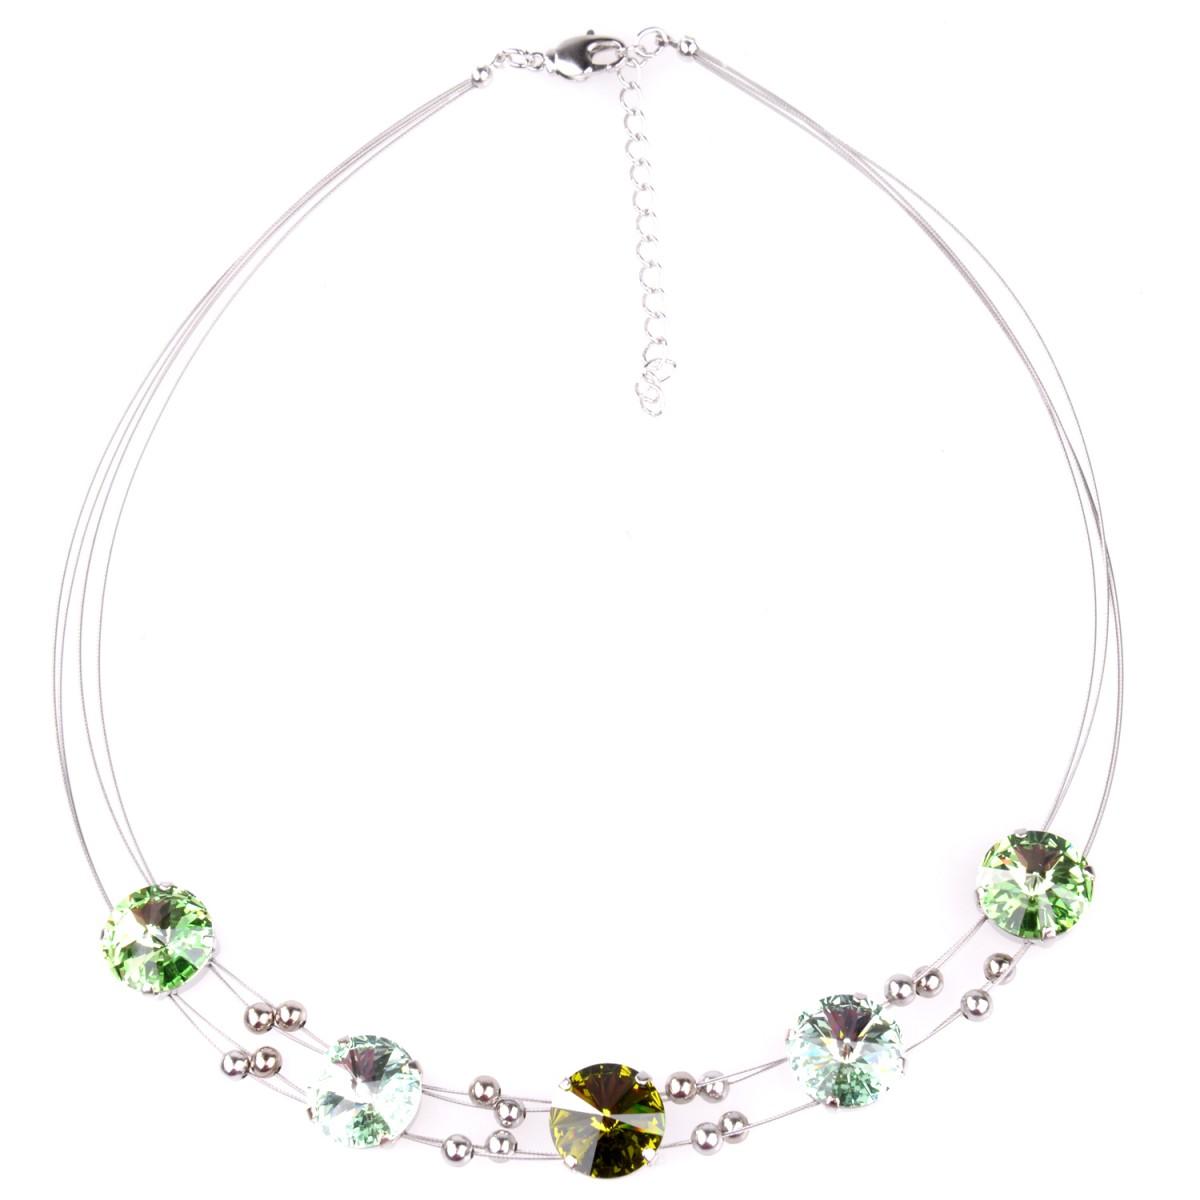 Halskette mit Swarovskisteine in Grün von Schlick Accessoires günstig online kaufen